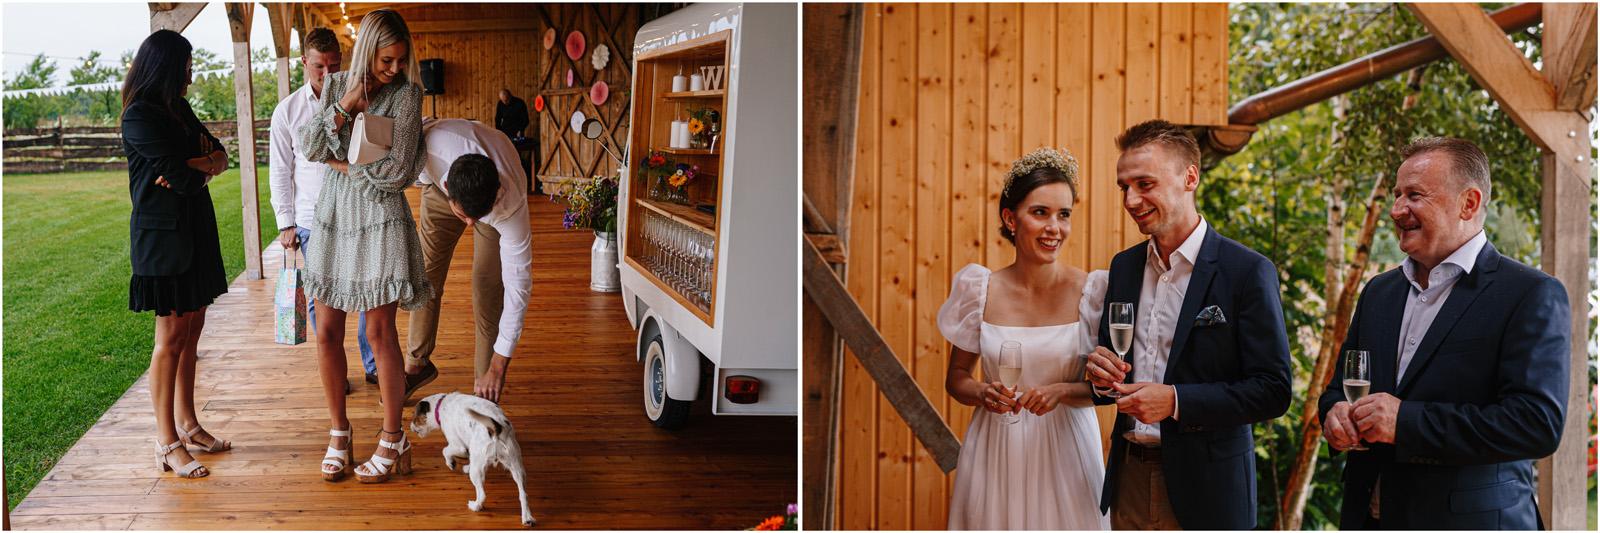 Karolina & Michał | wesele w stodole Dyrkowo 16